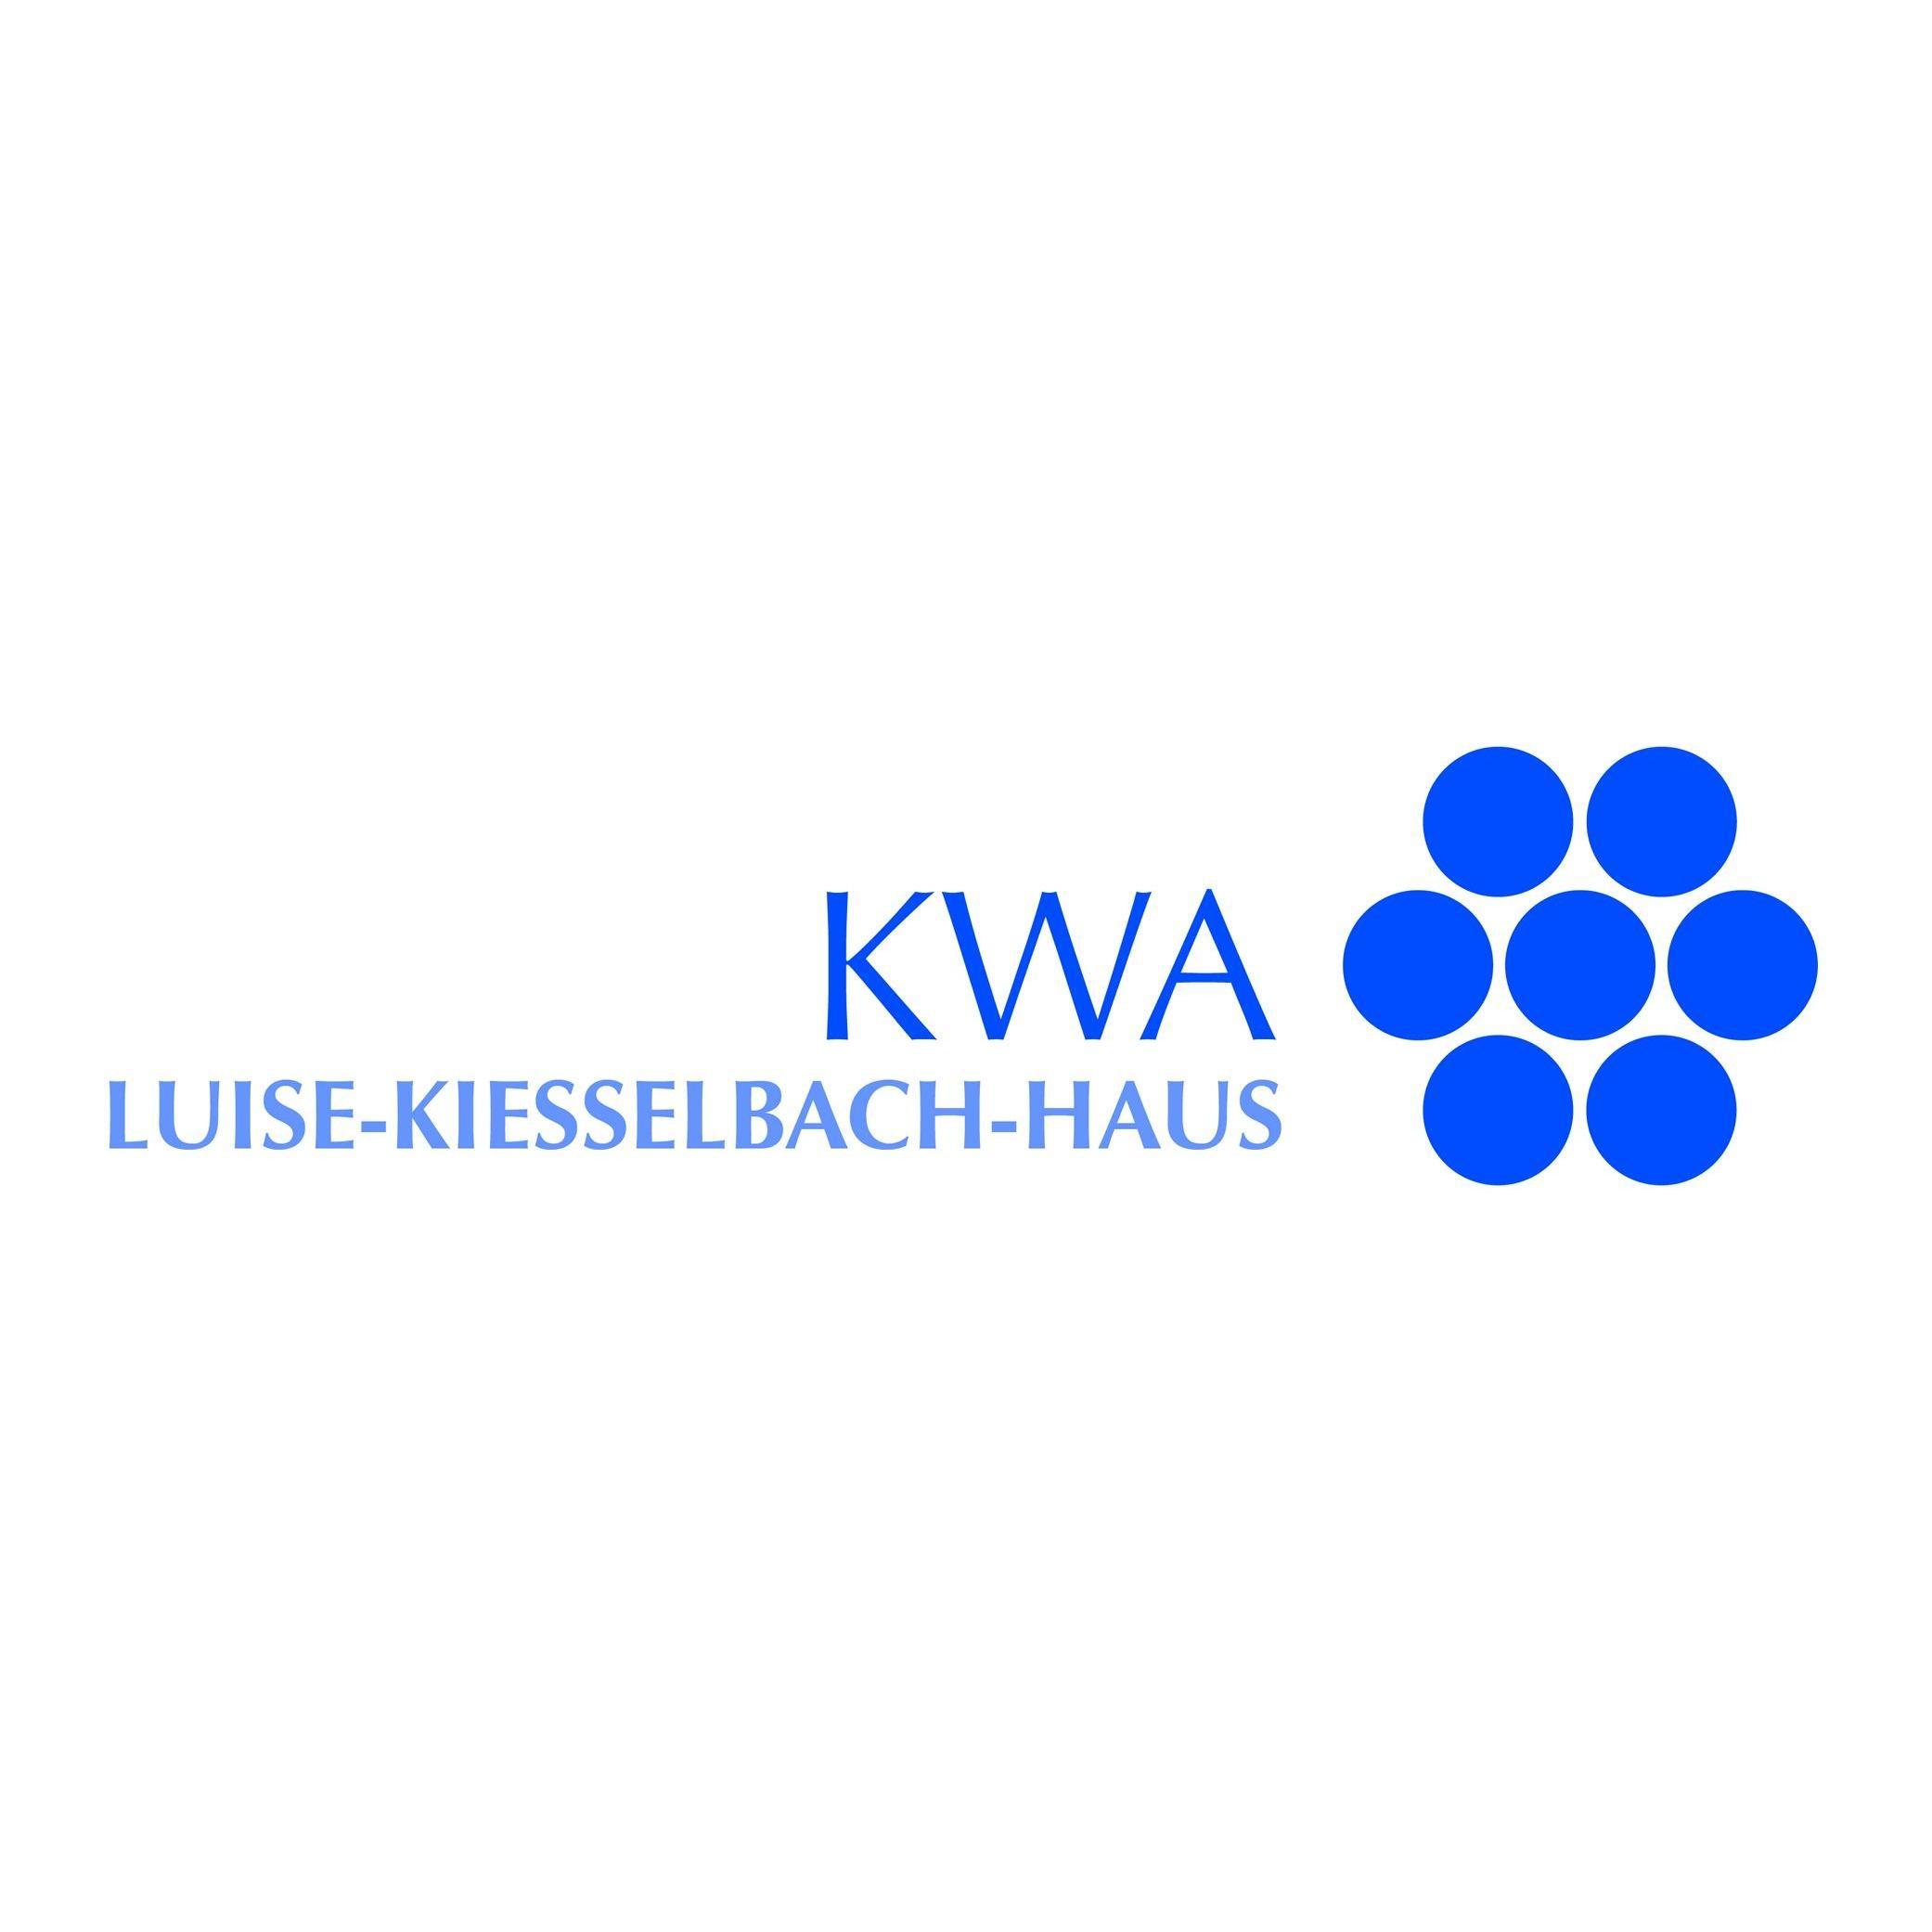 Bild zu KWA Luise-Kiesselbach-Haus in München